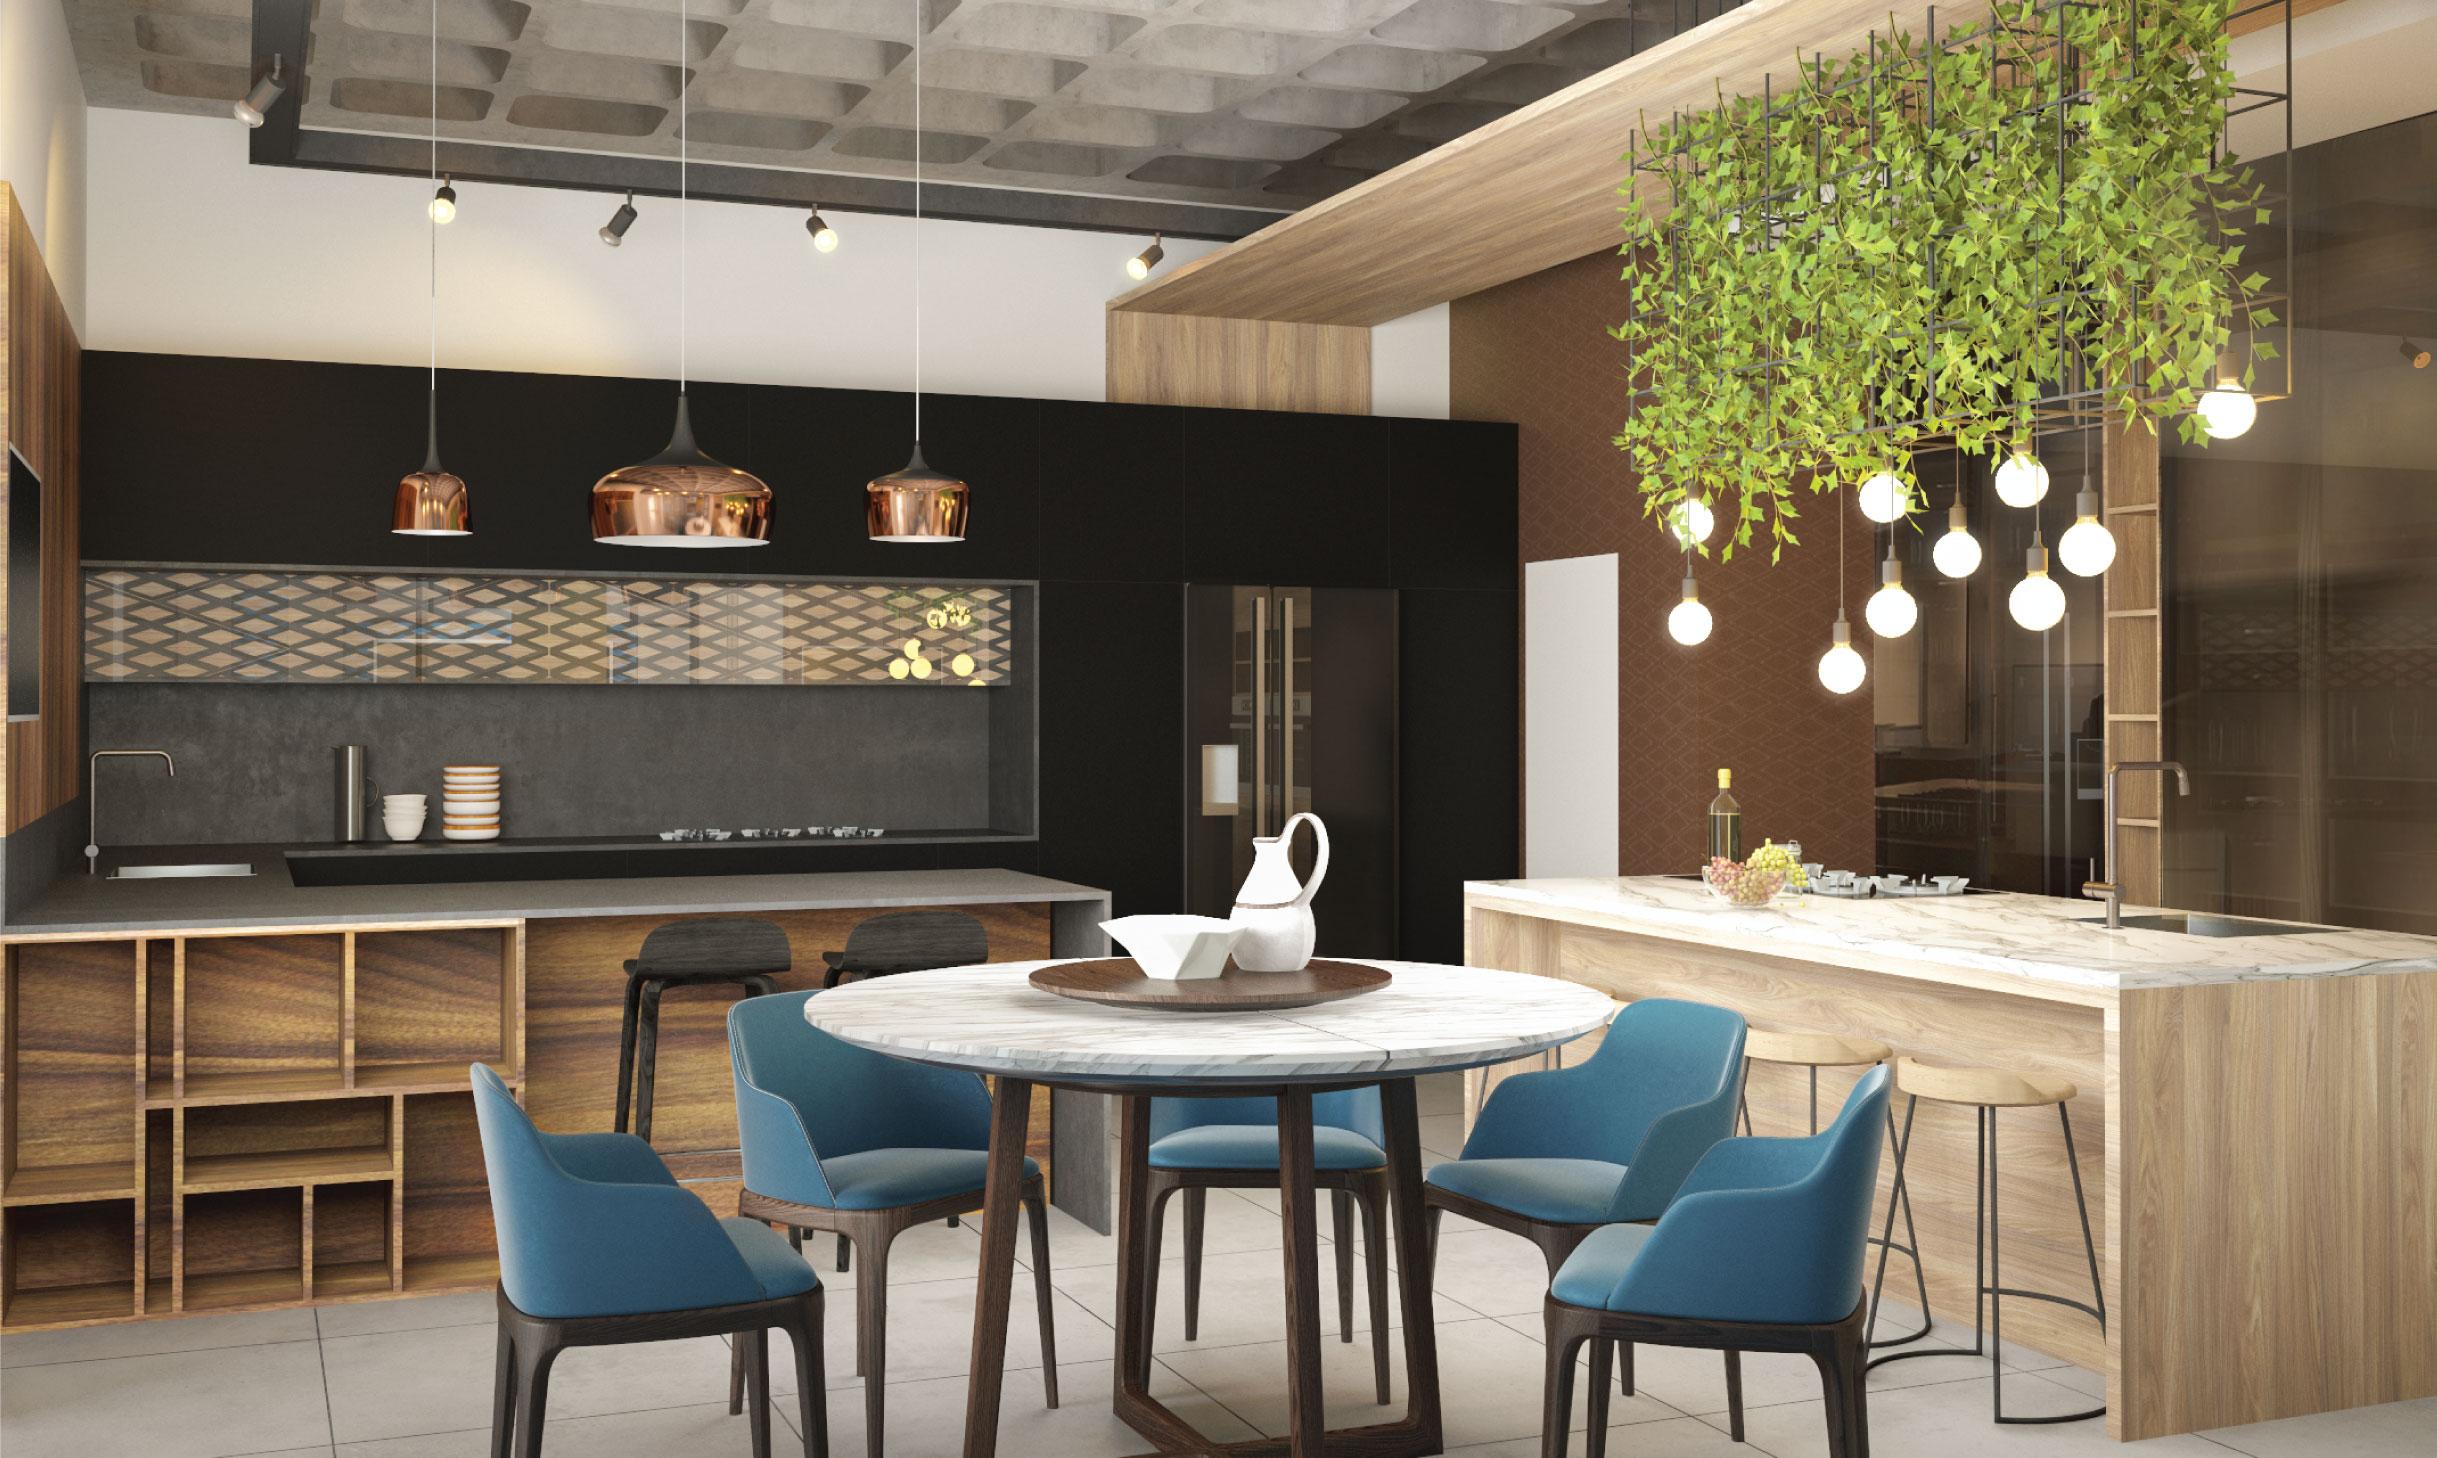 עיצוב אולם תצוגה למטבחים